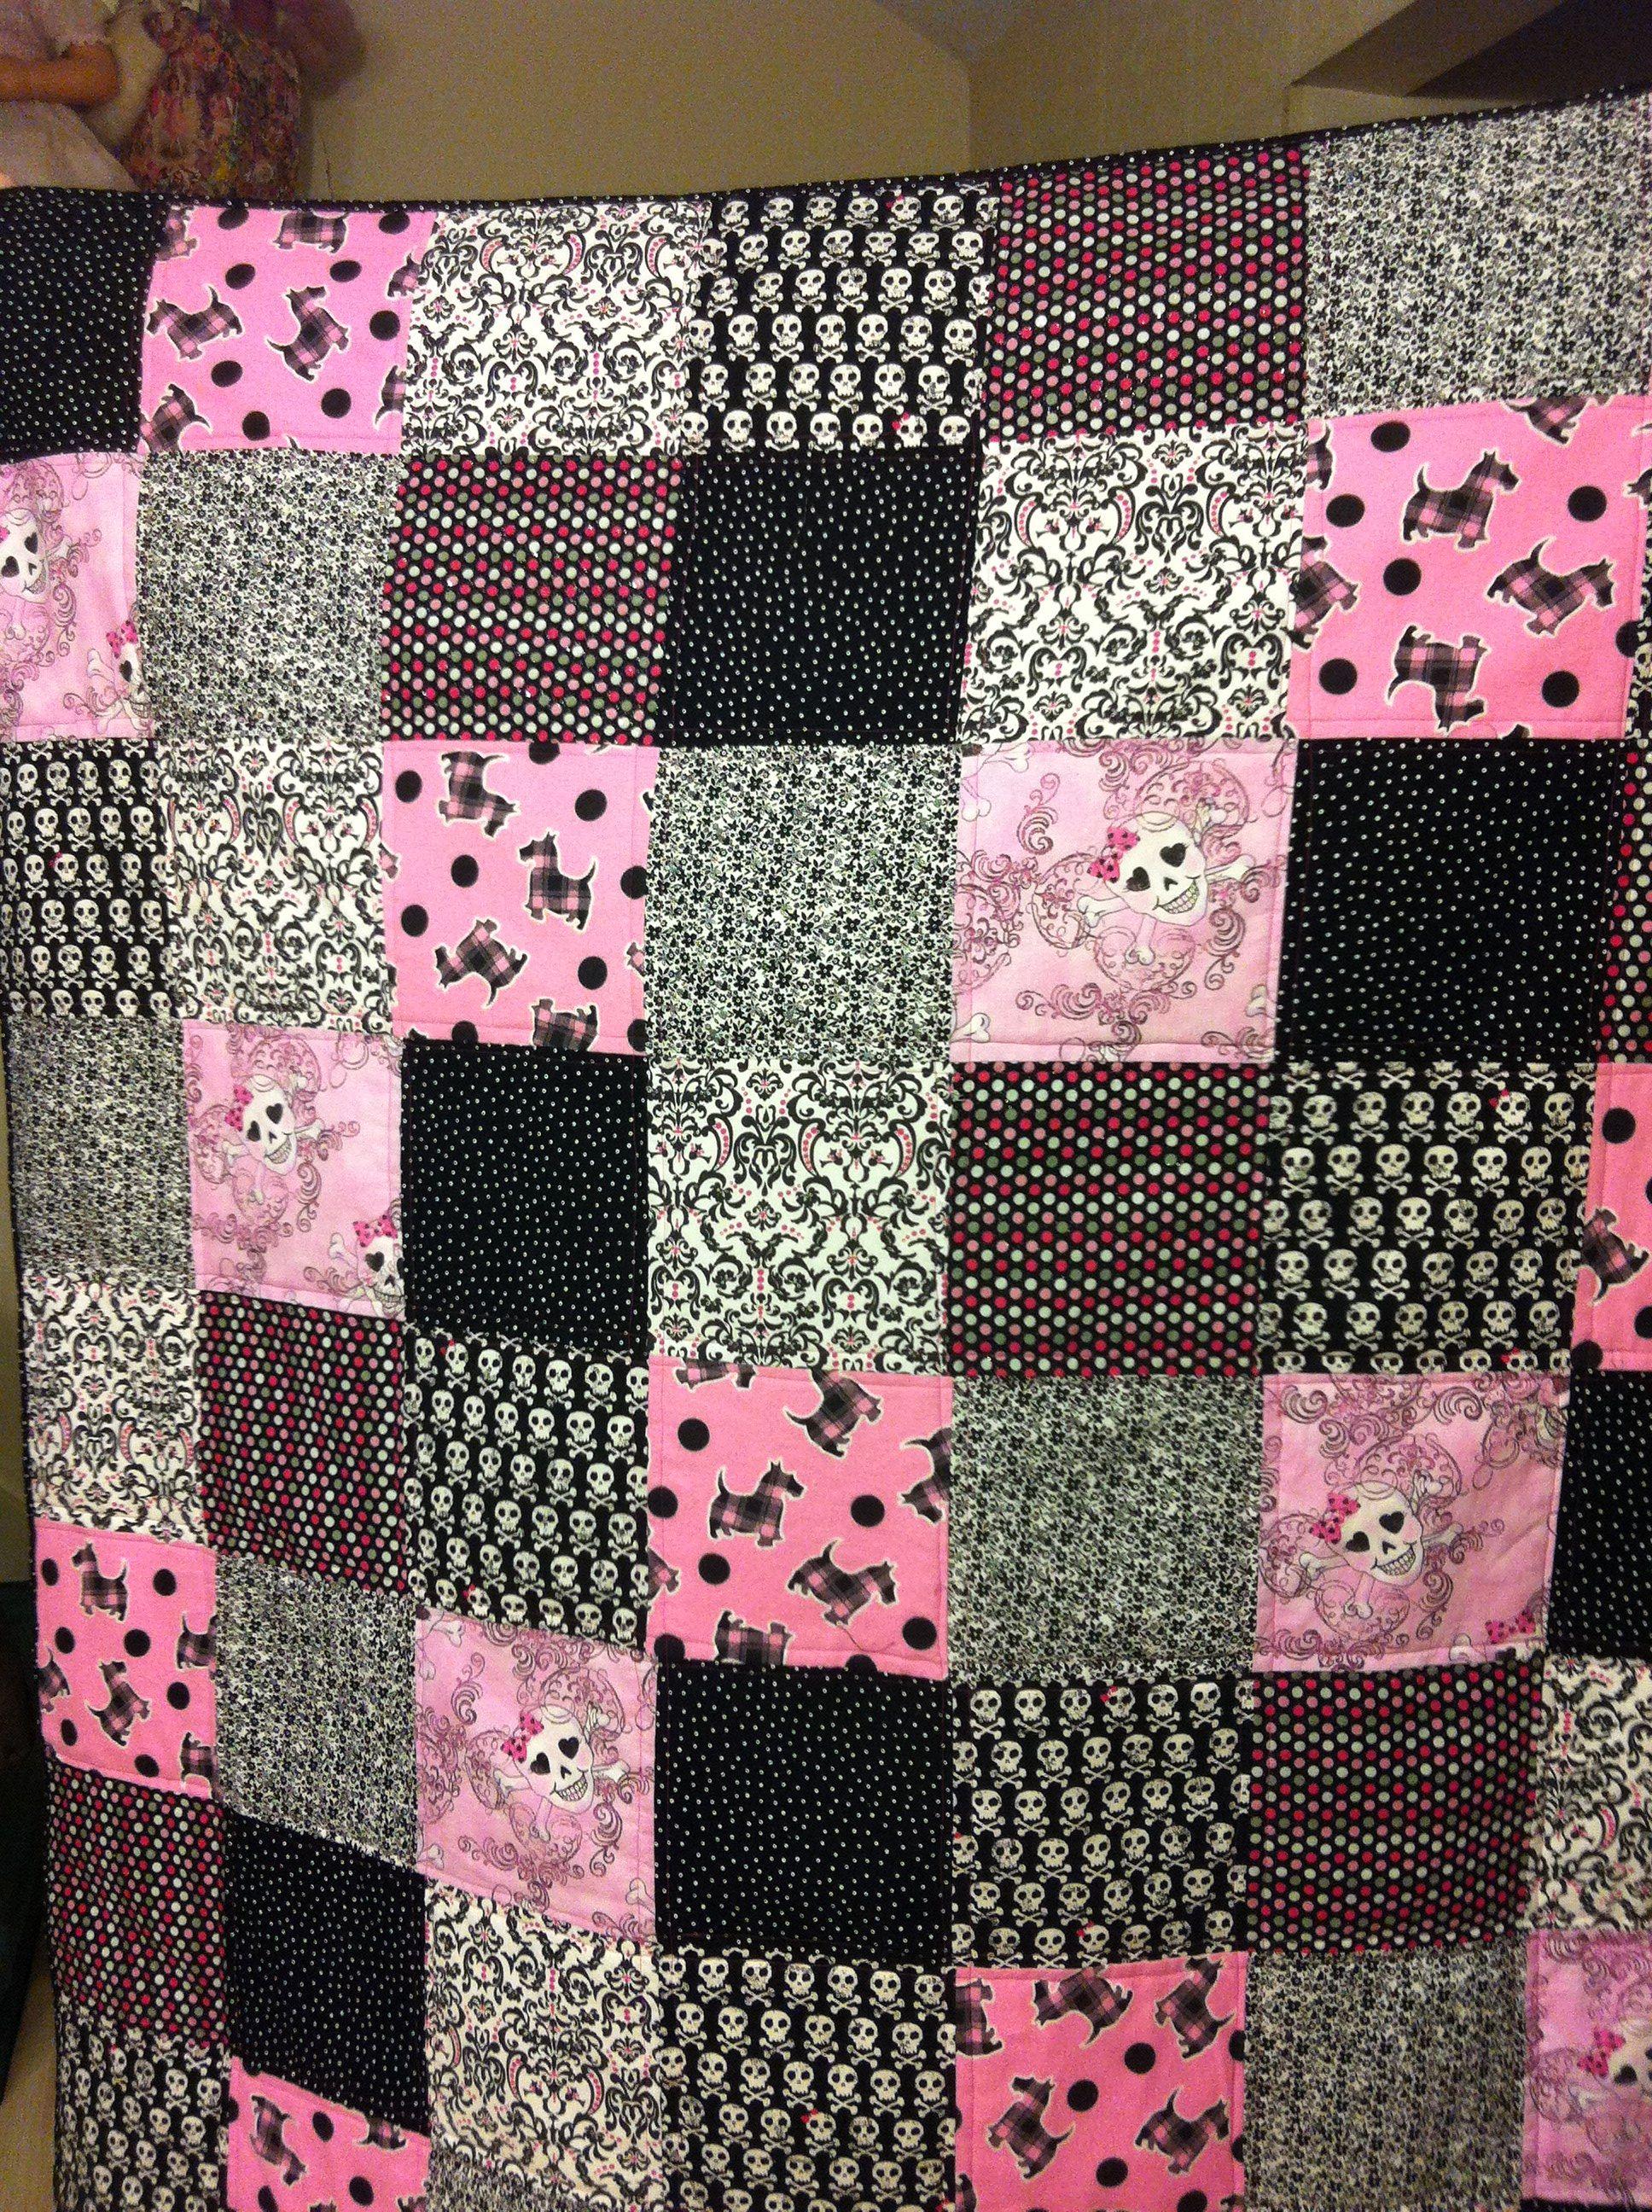 Pink & Black Skull quilt | Blanket ideas | Pinterest | Black ... : sugar skull quilt pattern - Adamdwight.com